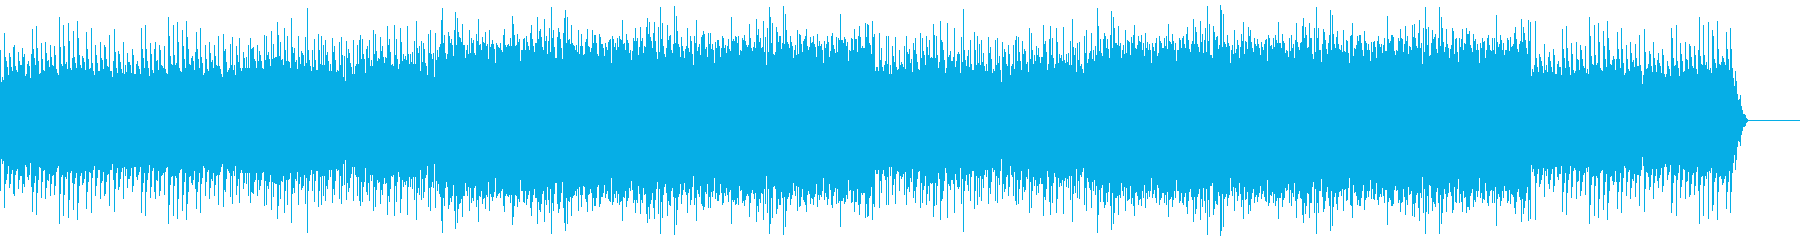 回想シーンで使えるBGMの再生済みの波形